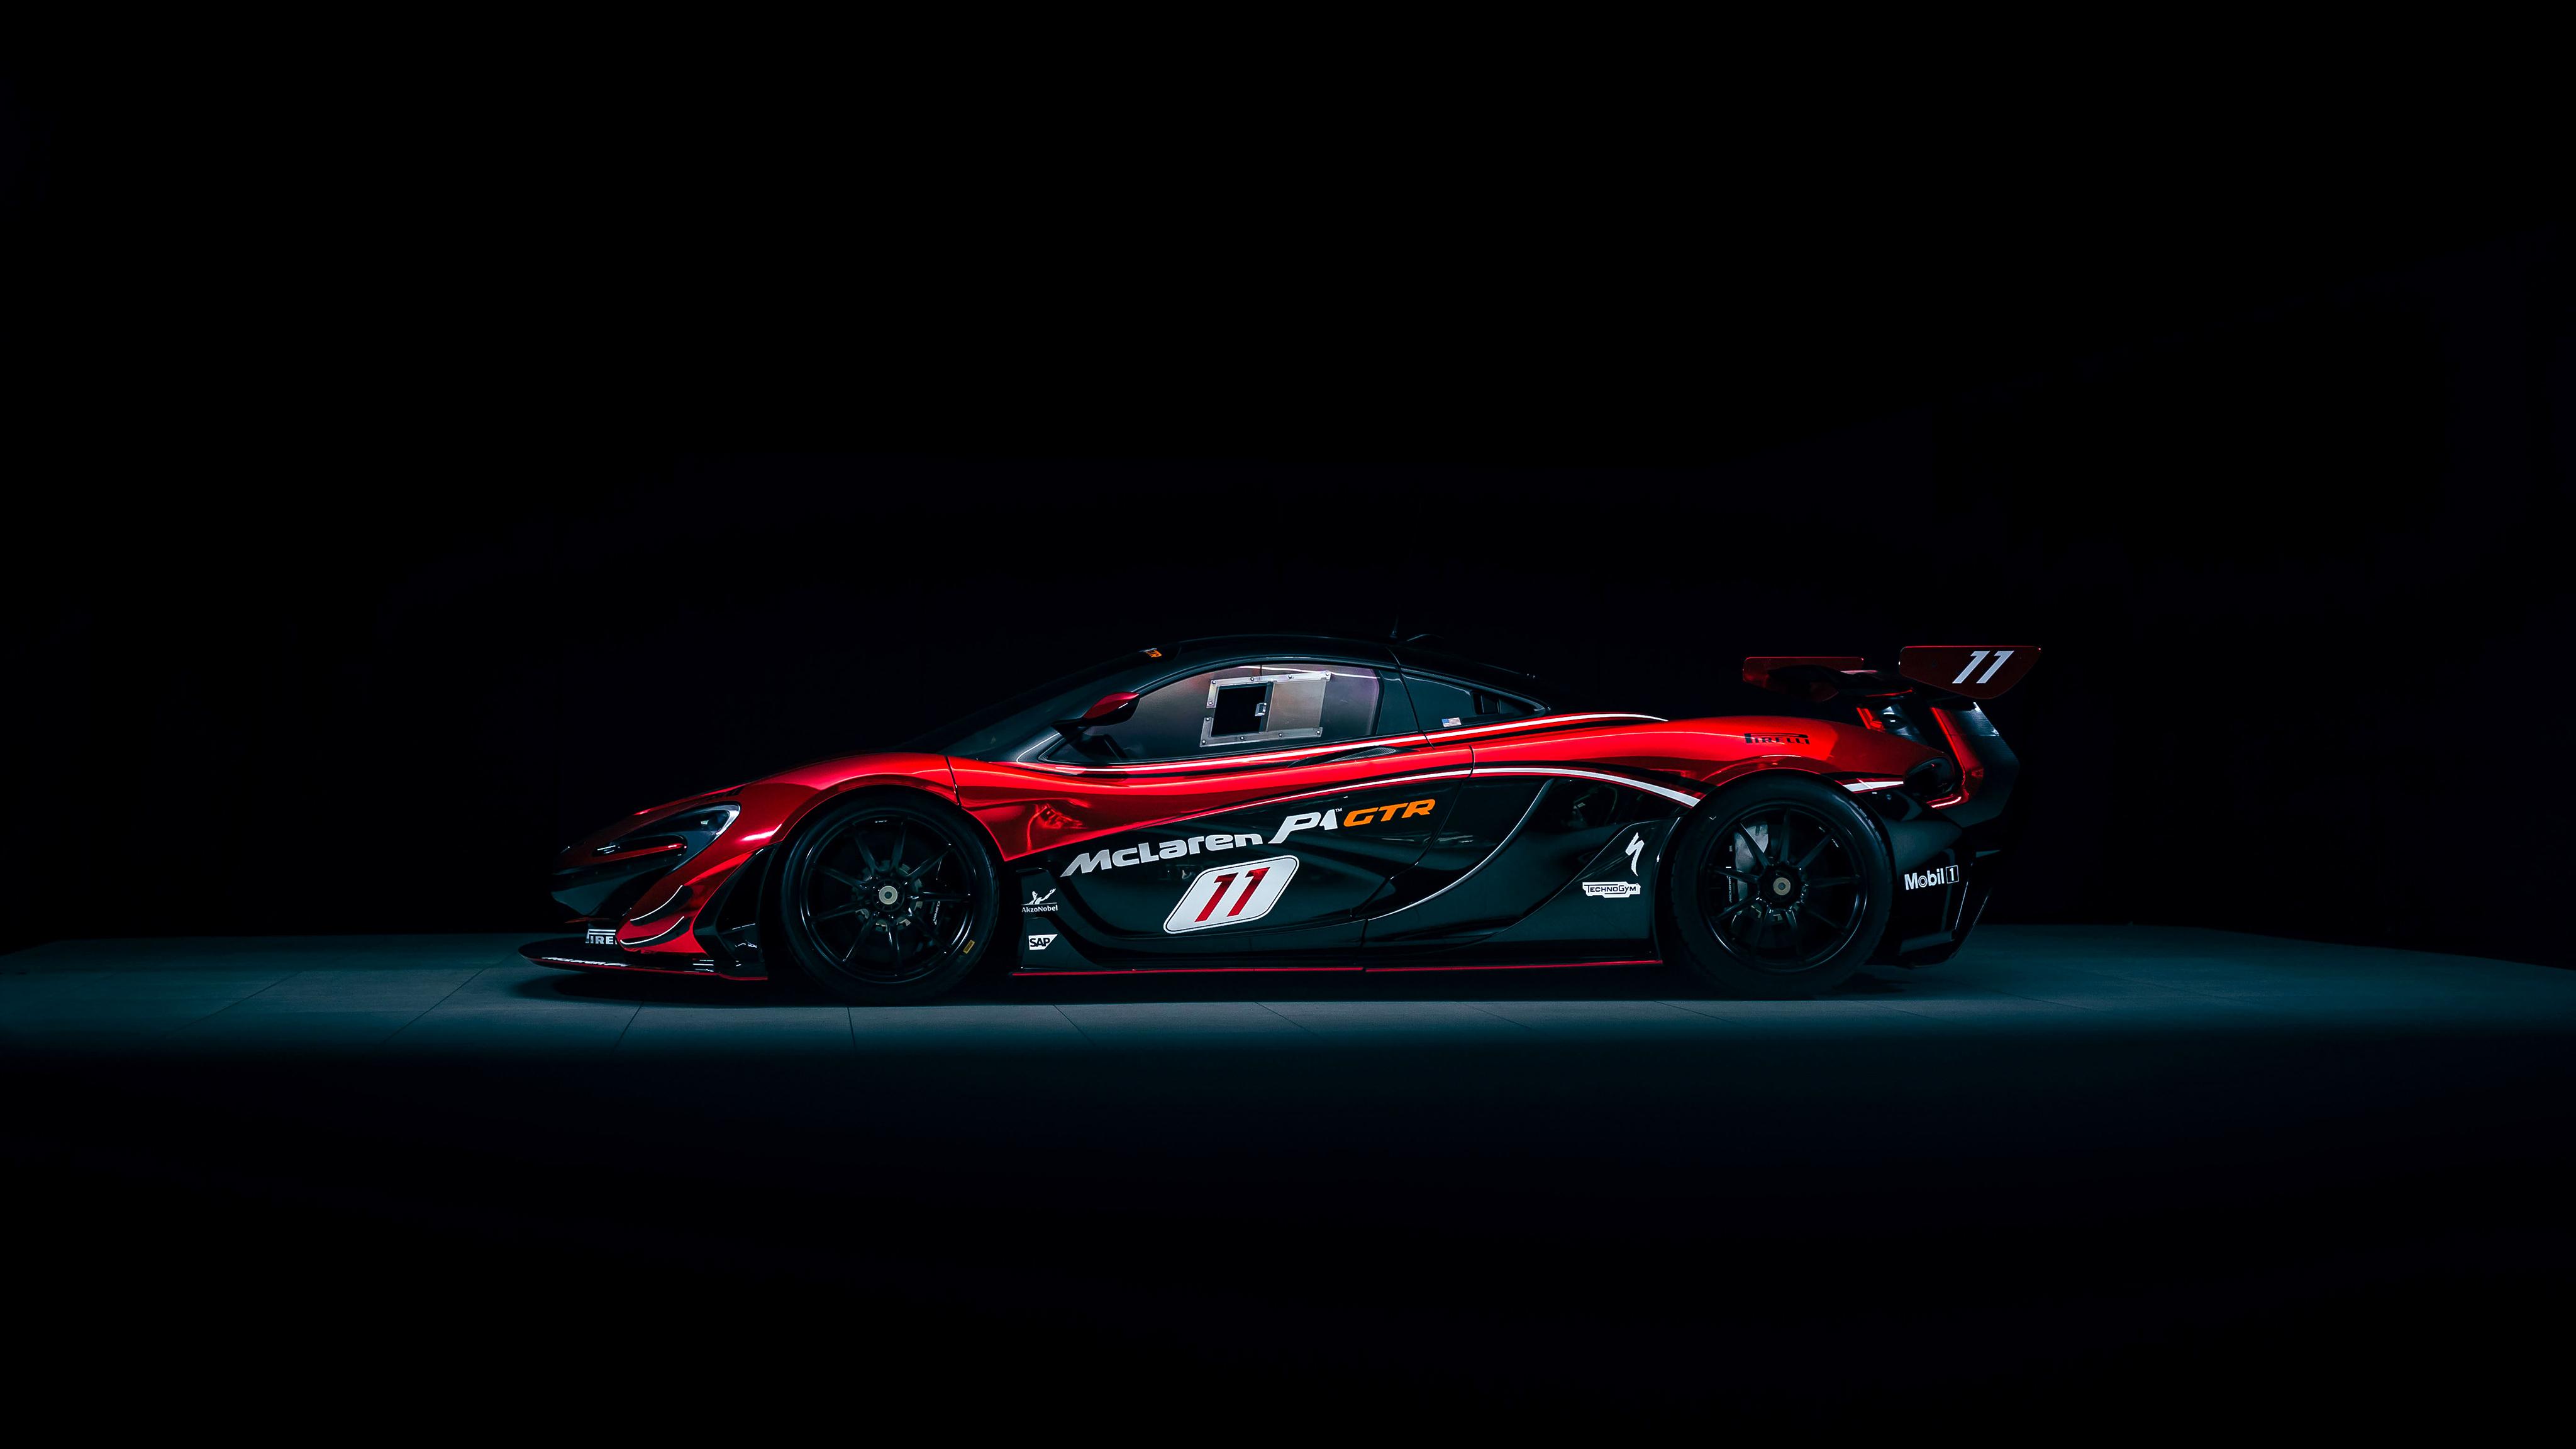 Mclaren P1 Gtr Logo >> McLaren P1 GTR Hypercar 4K Wallpaper | HD Car Wallpapers | ID #9060